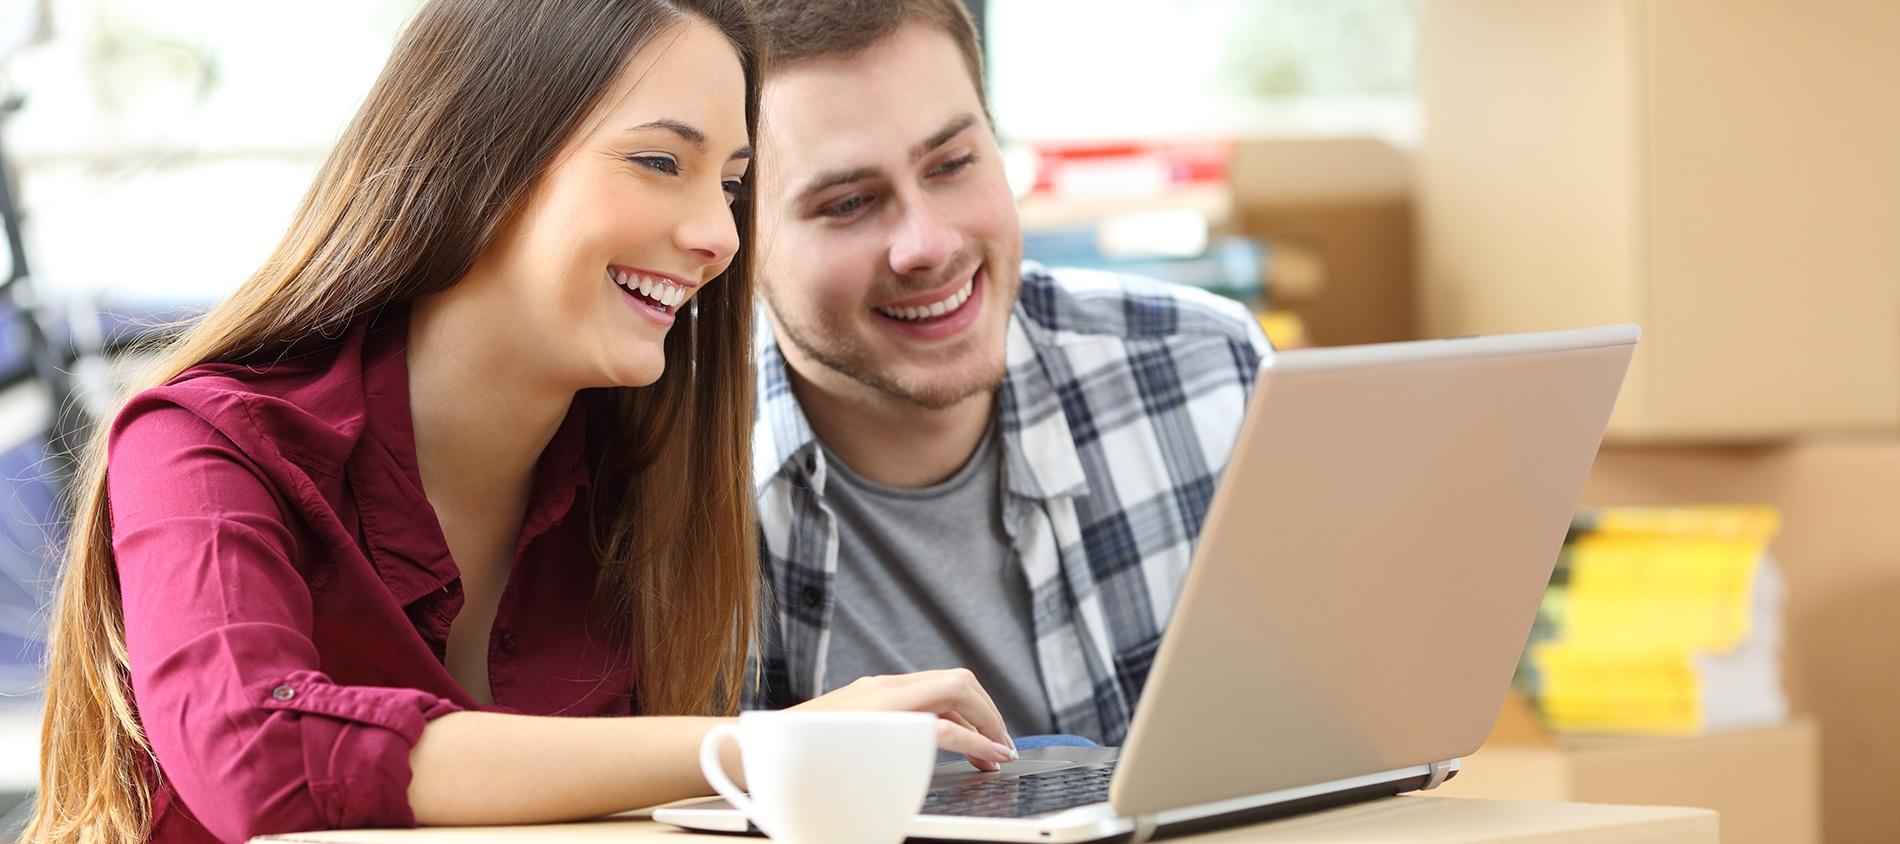 ¿Qué tanto conocen tus prospectos de ti antes del primer contacto?